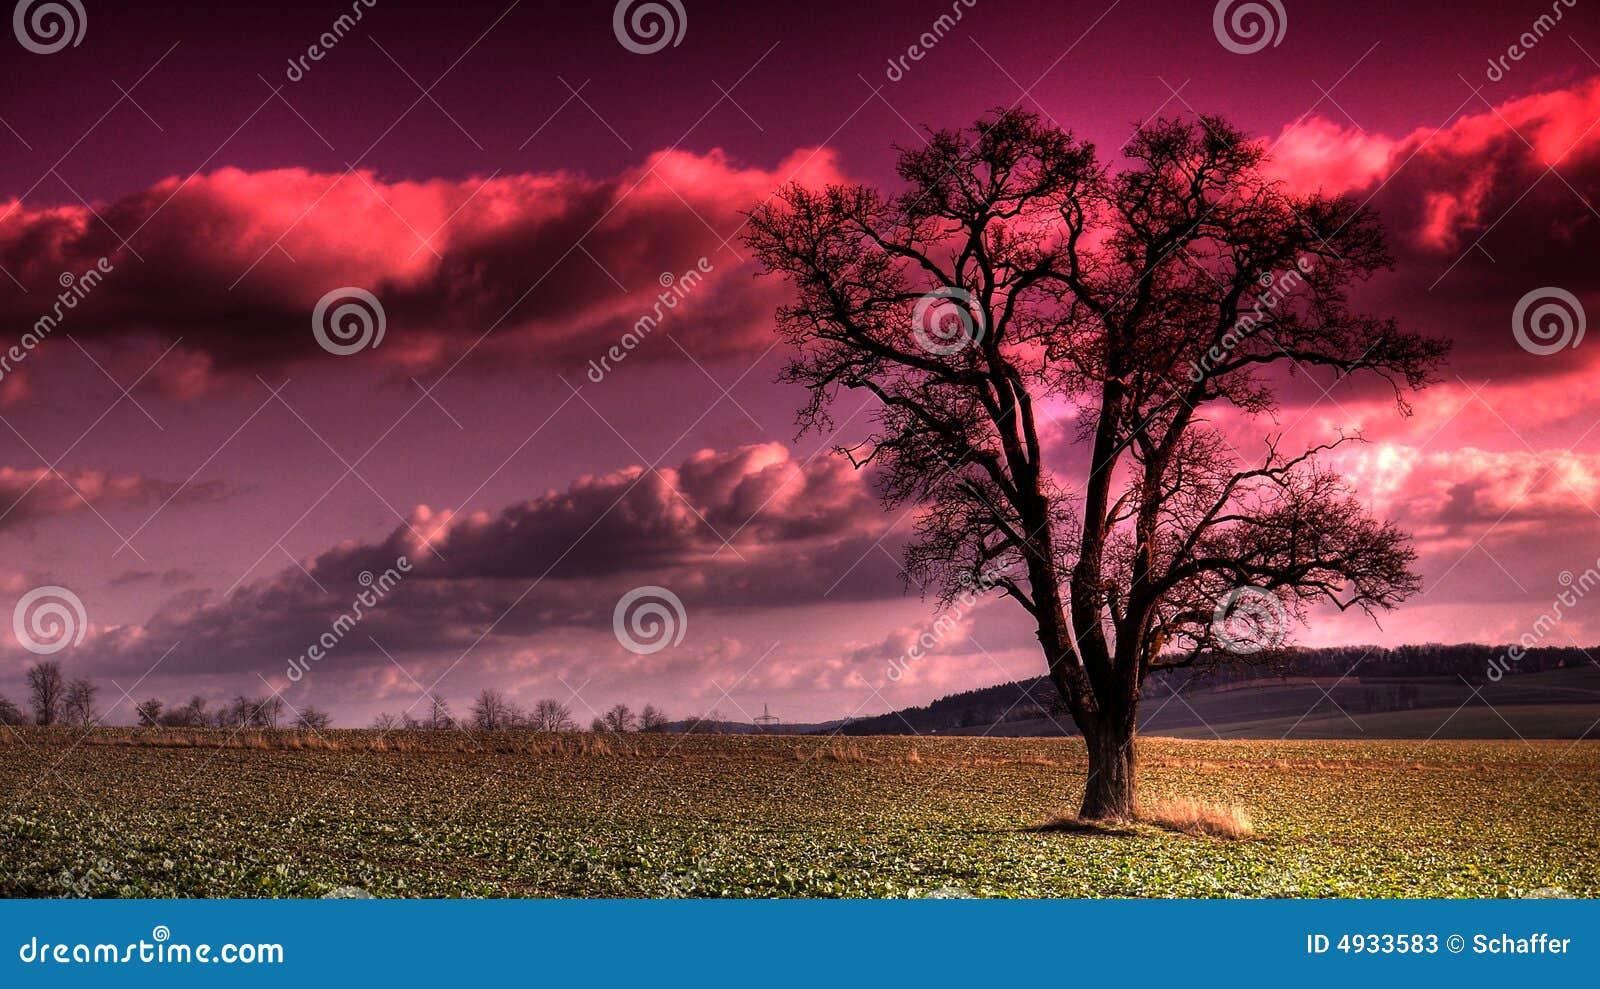 Purpur sky